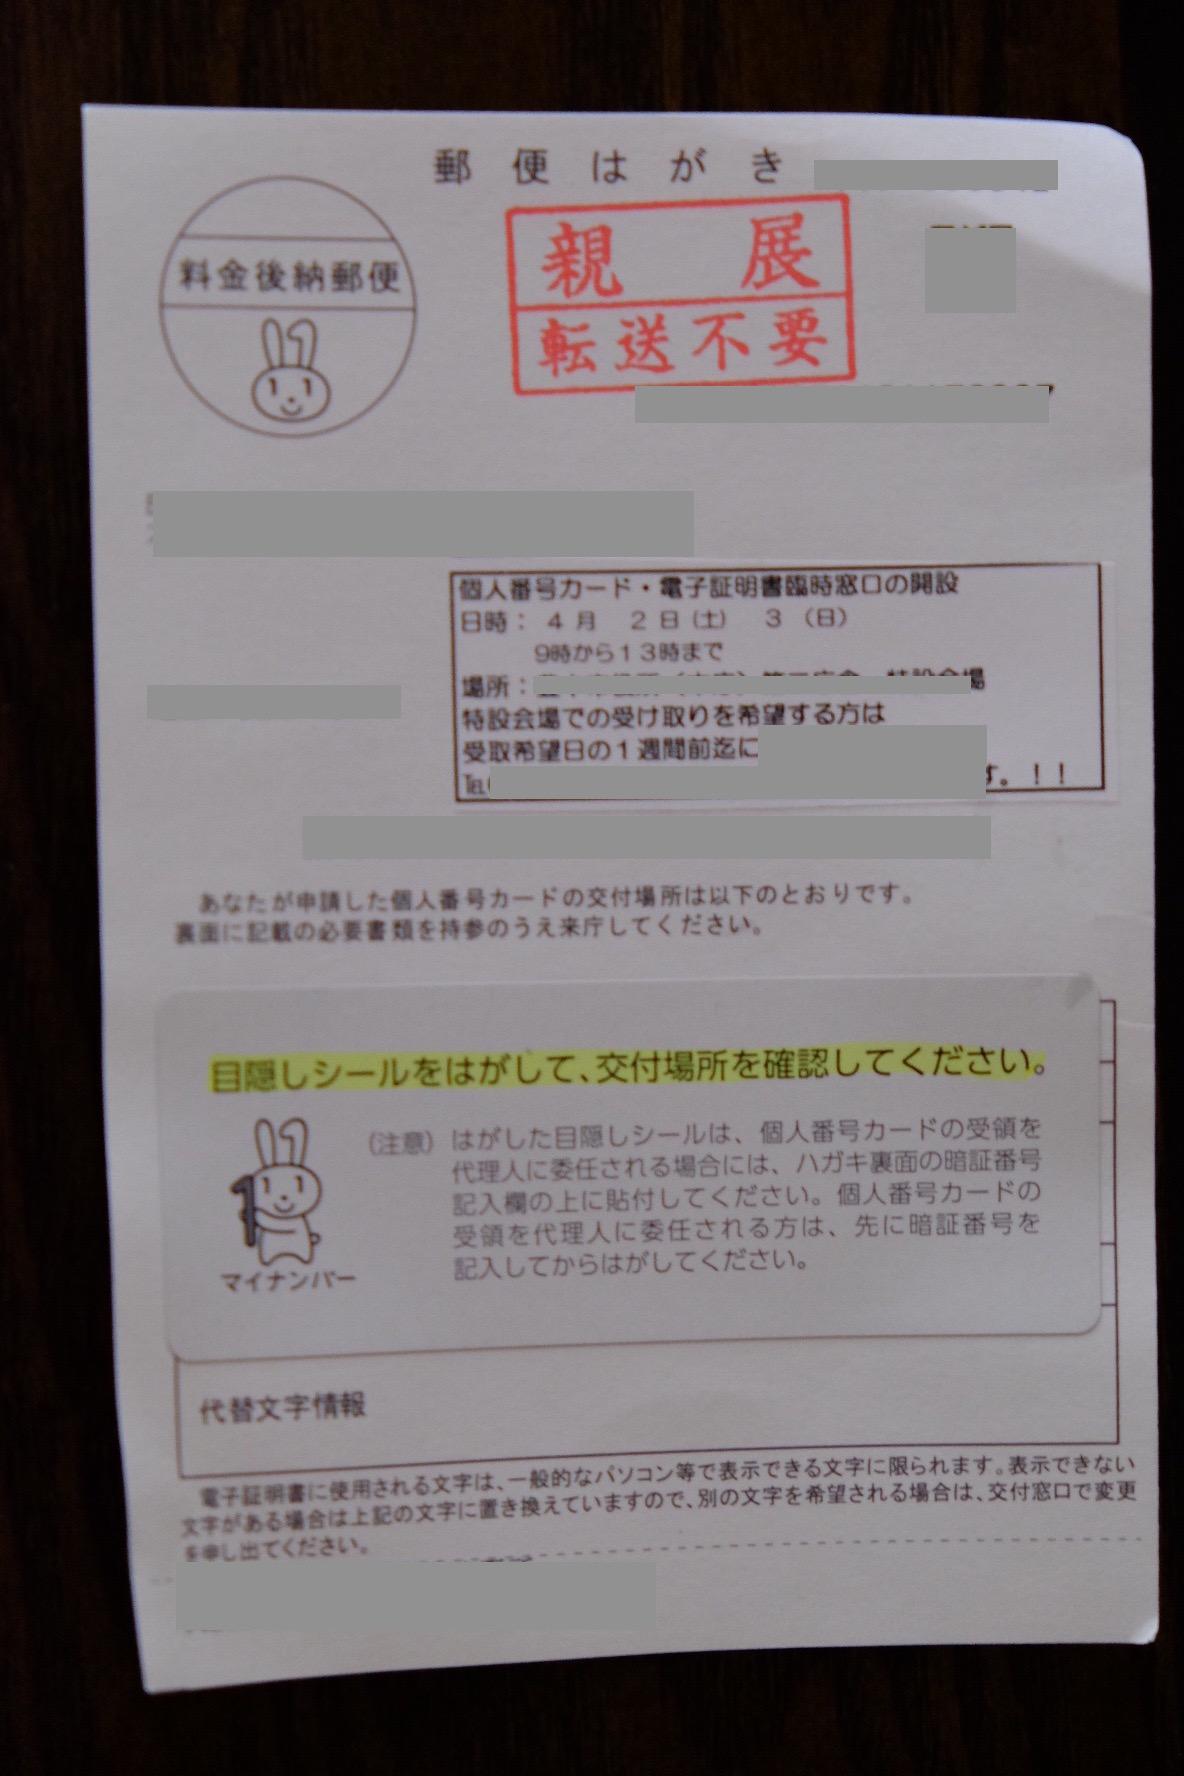 交付通知書表